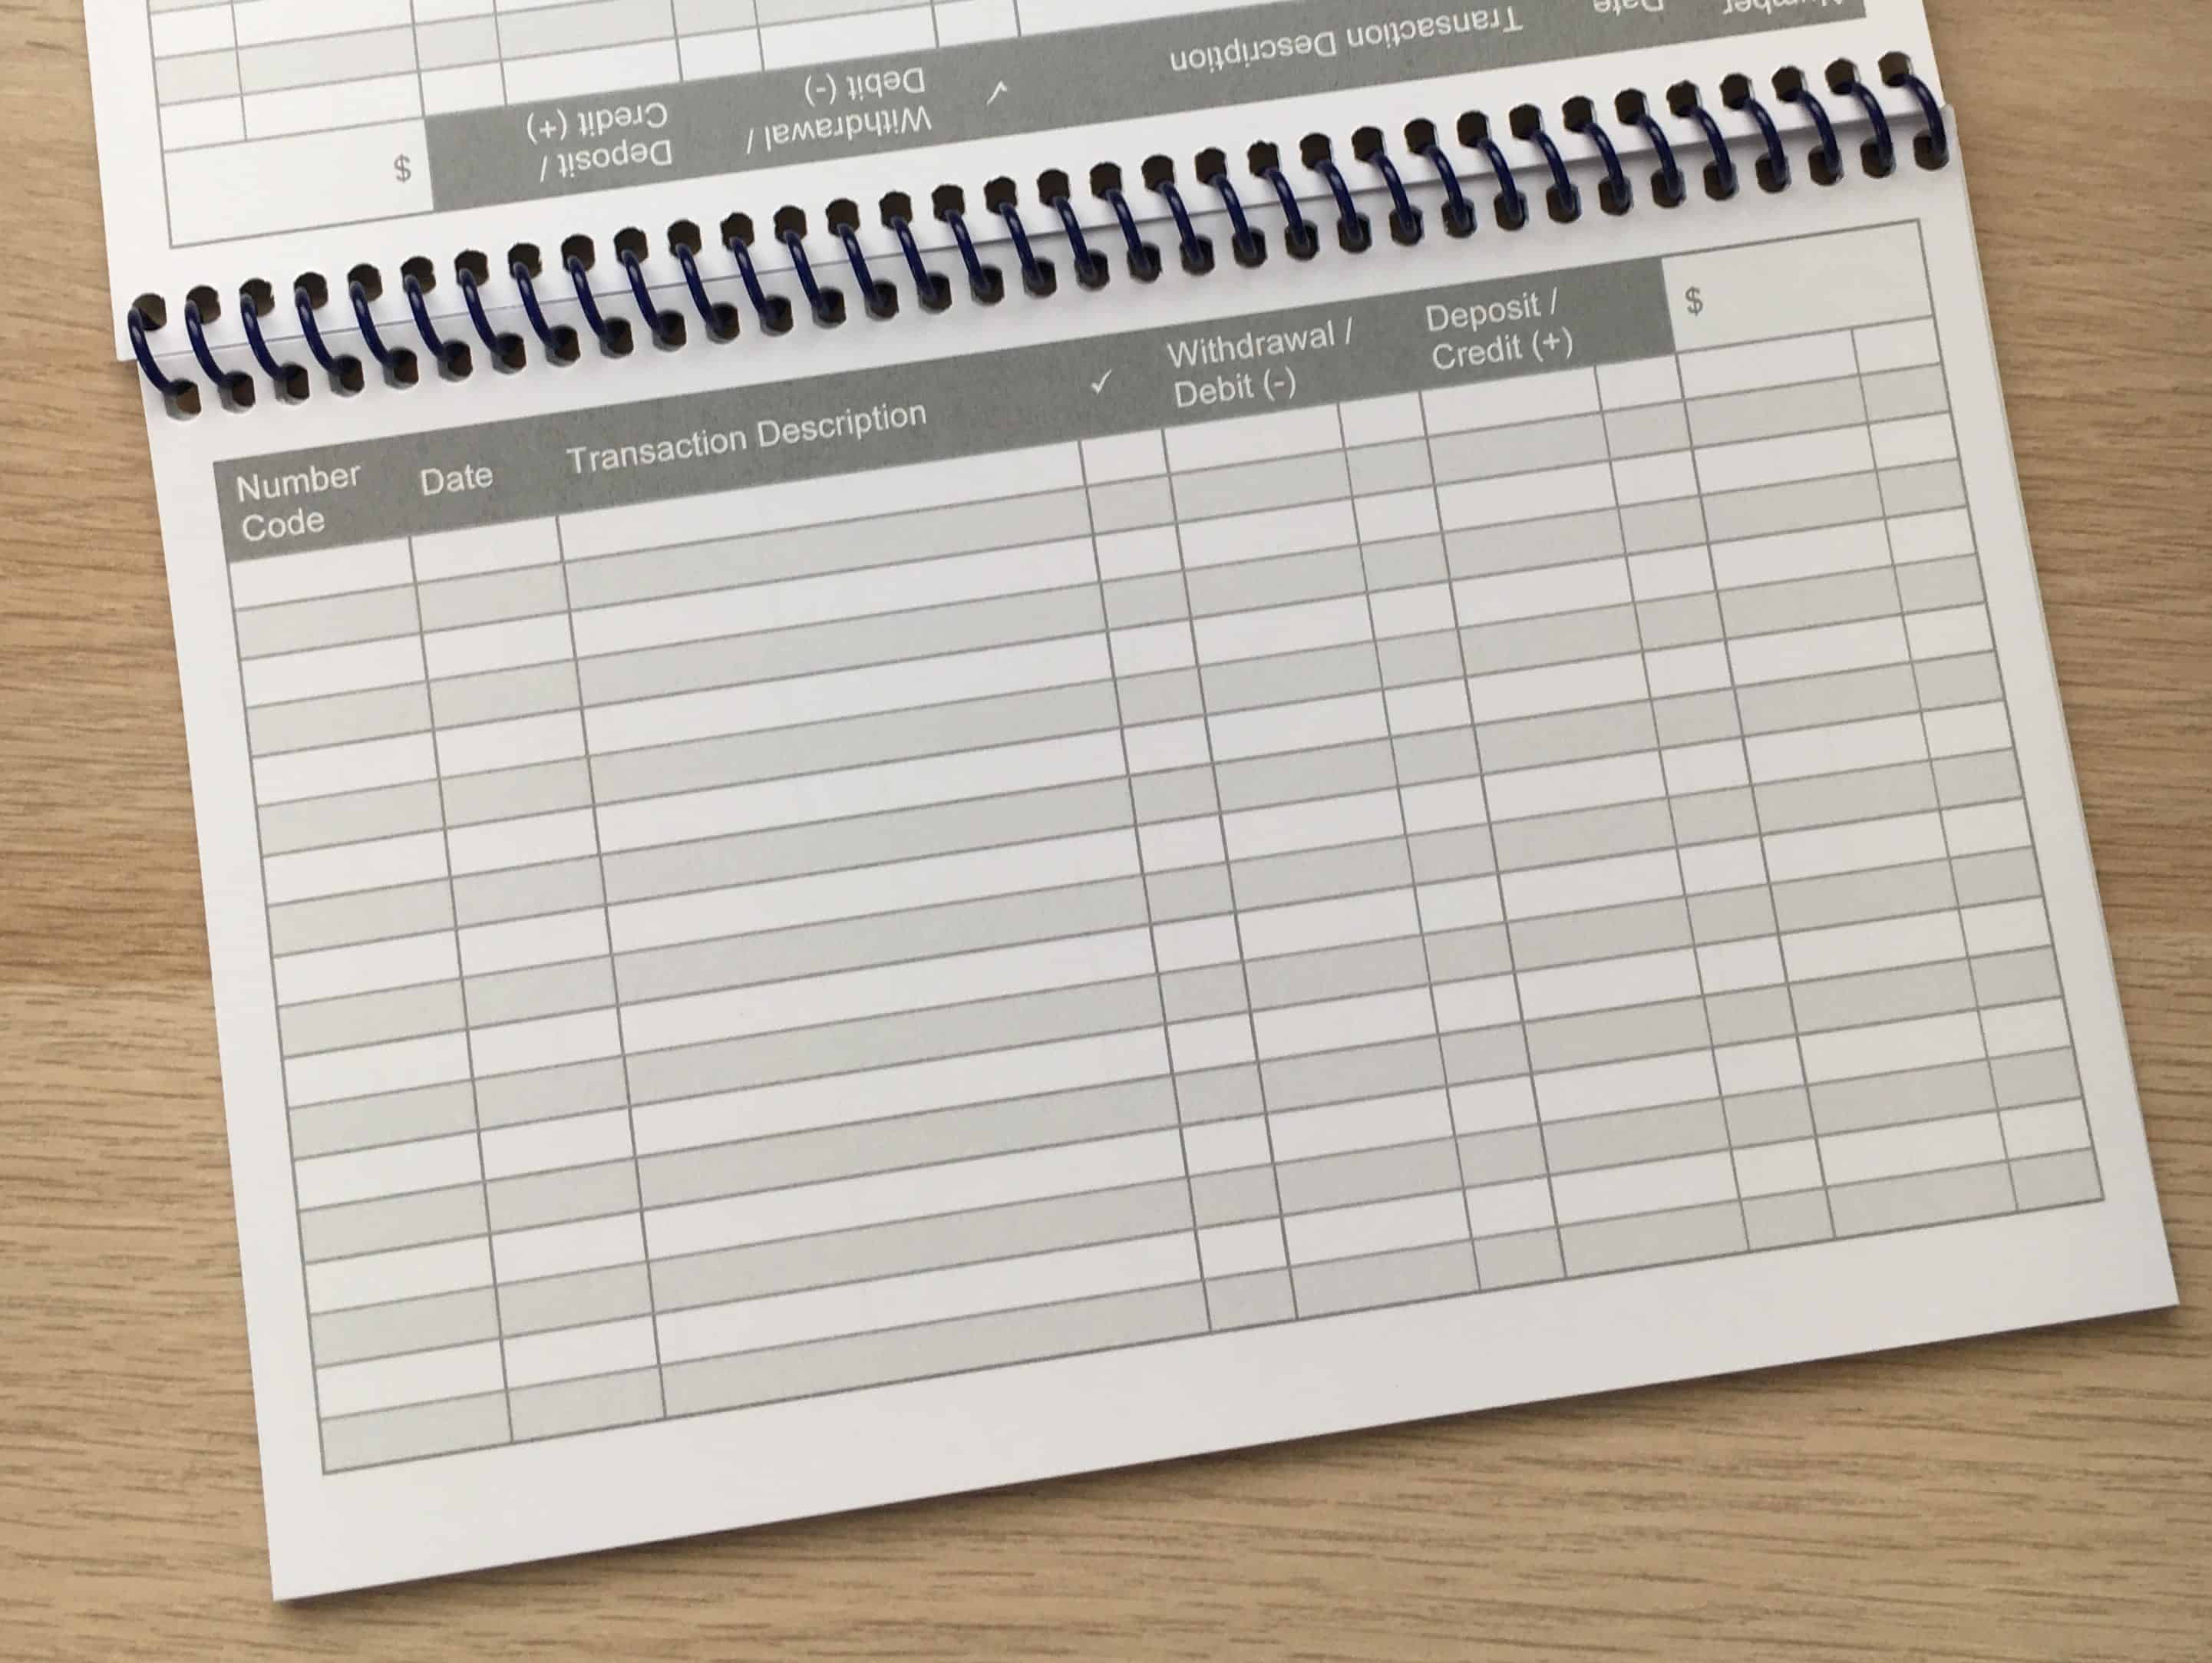 Checkbook register inside